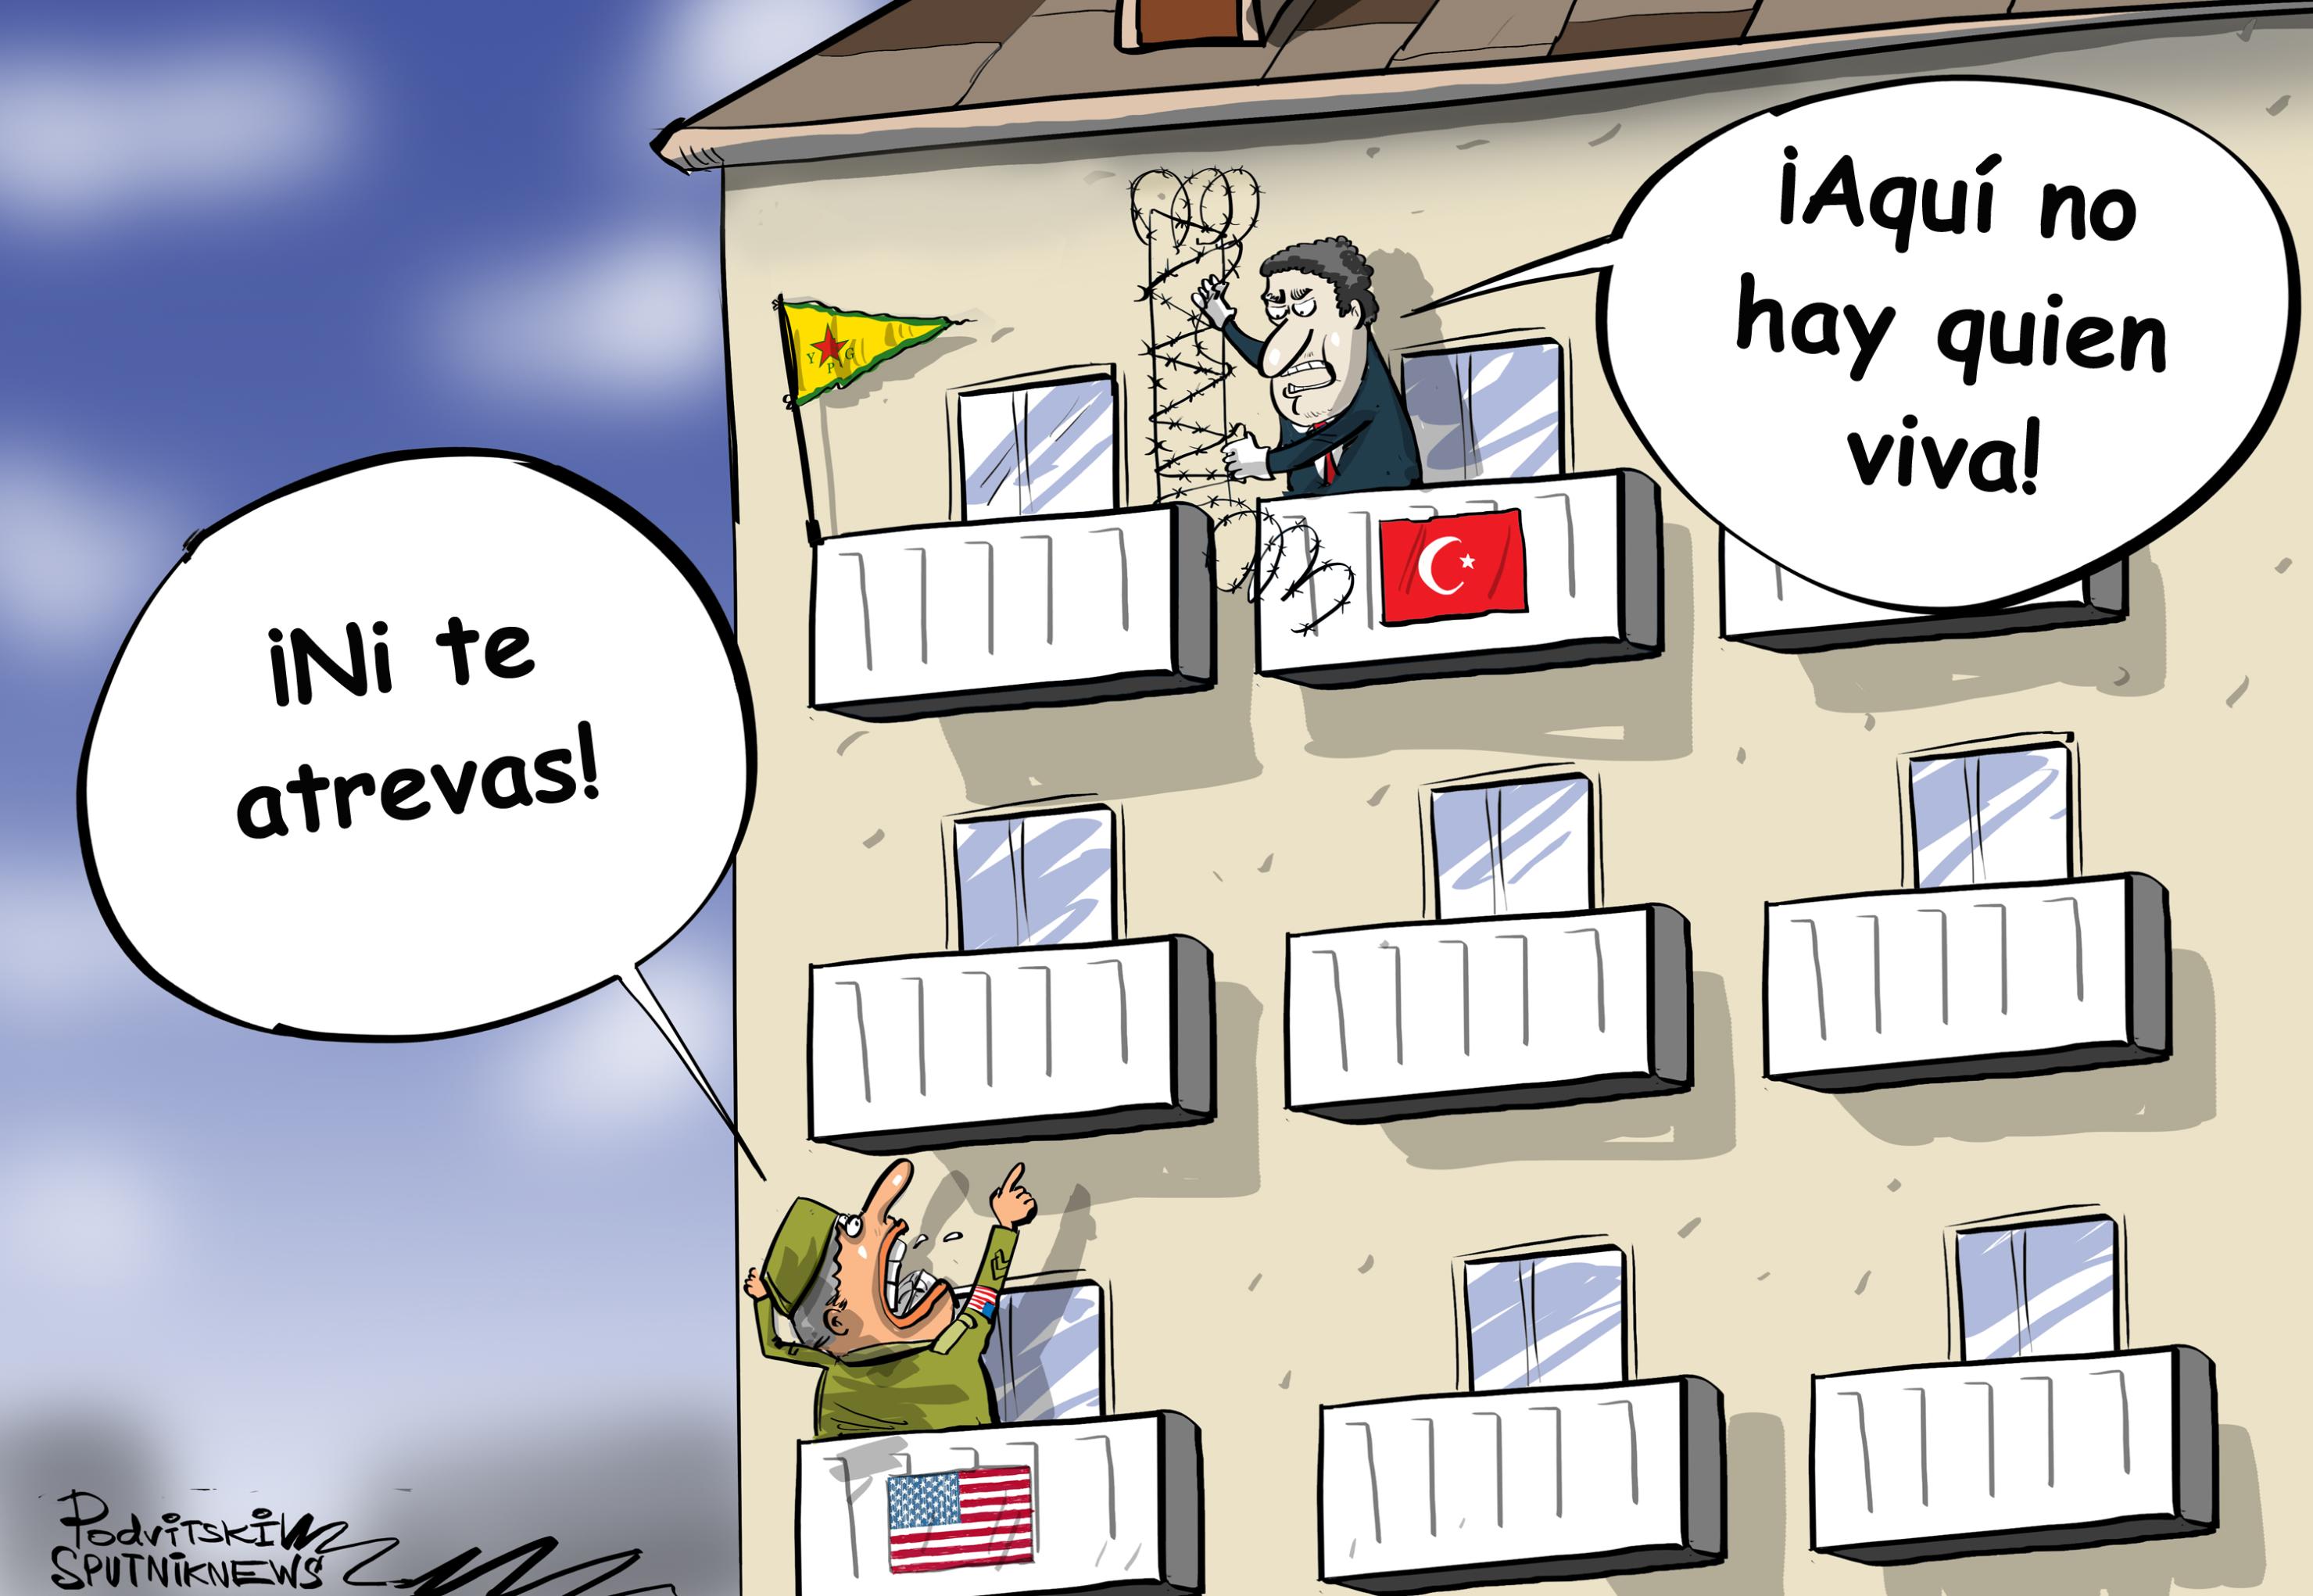 ¡Aquí no hay quién viva! EEUU regaña a Turquía por querer asegurar su frontera